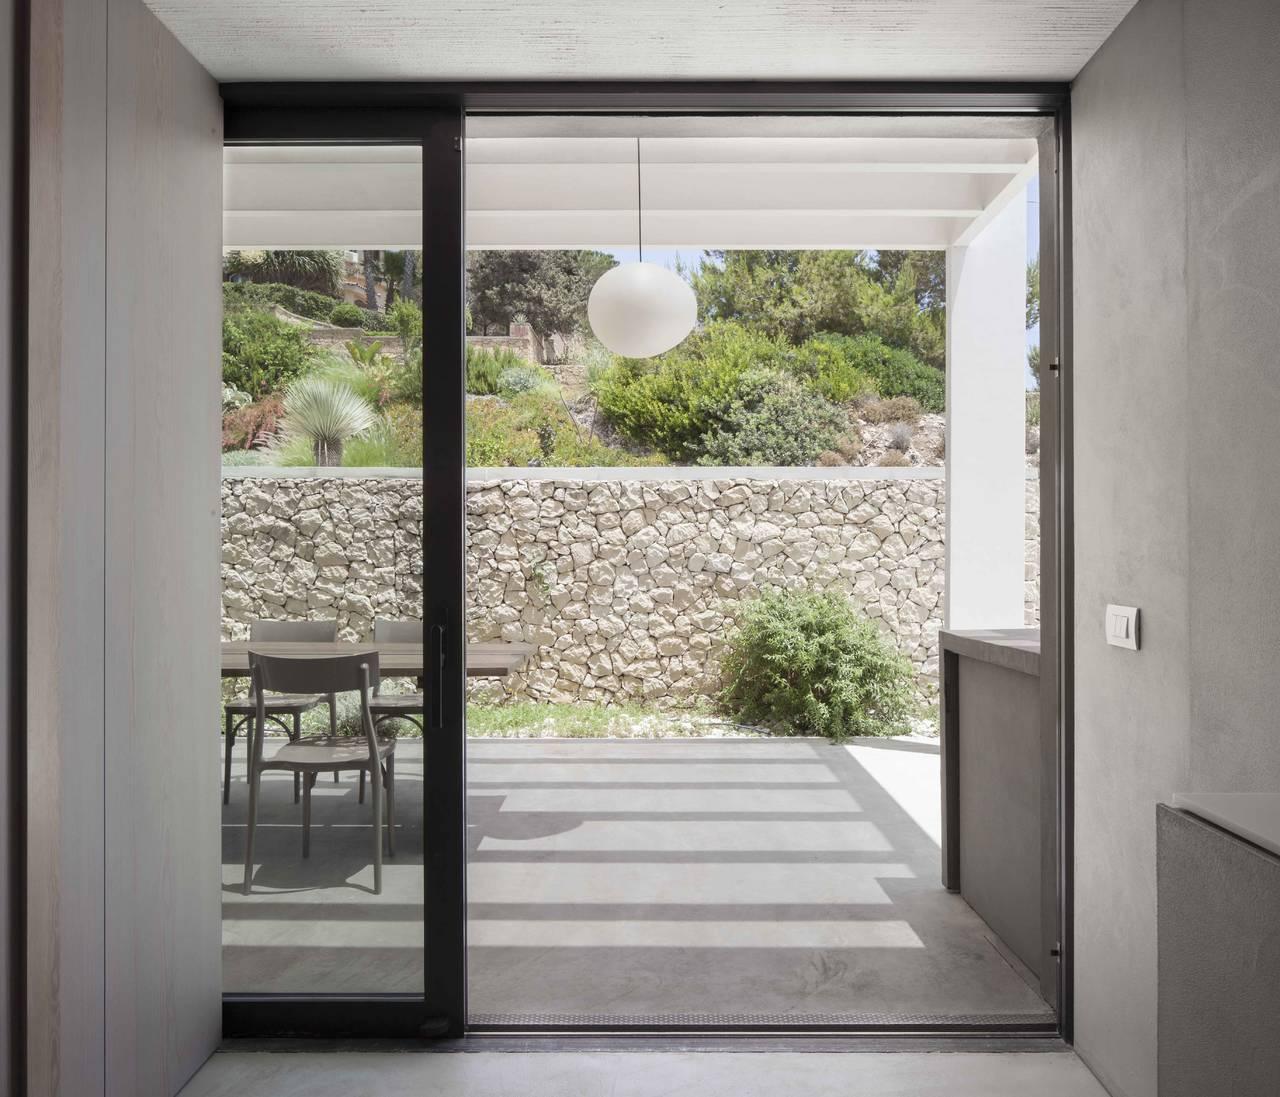 Sch co per una villa in sicilia progetto by studio iraci for Piccoli piani di progettazione in studio